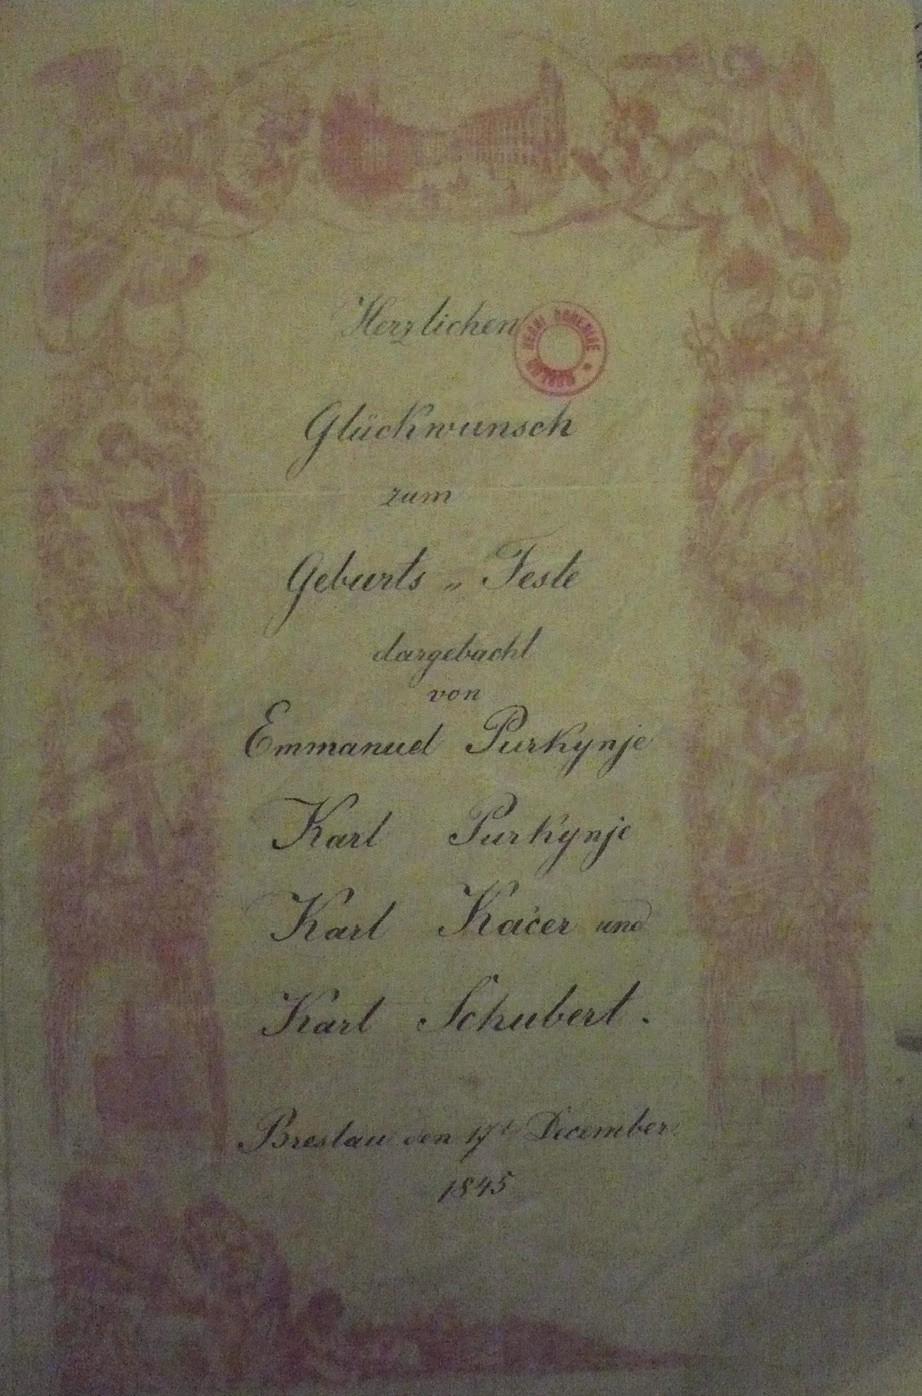 Srdečné přání štěstí k oslavě narozenin k 17. prosince 1845 ve Vratislavi. Přání je psáno německy s ohledem na Karla Schuberta, který nemluvil česky.